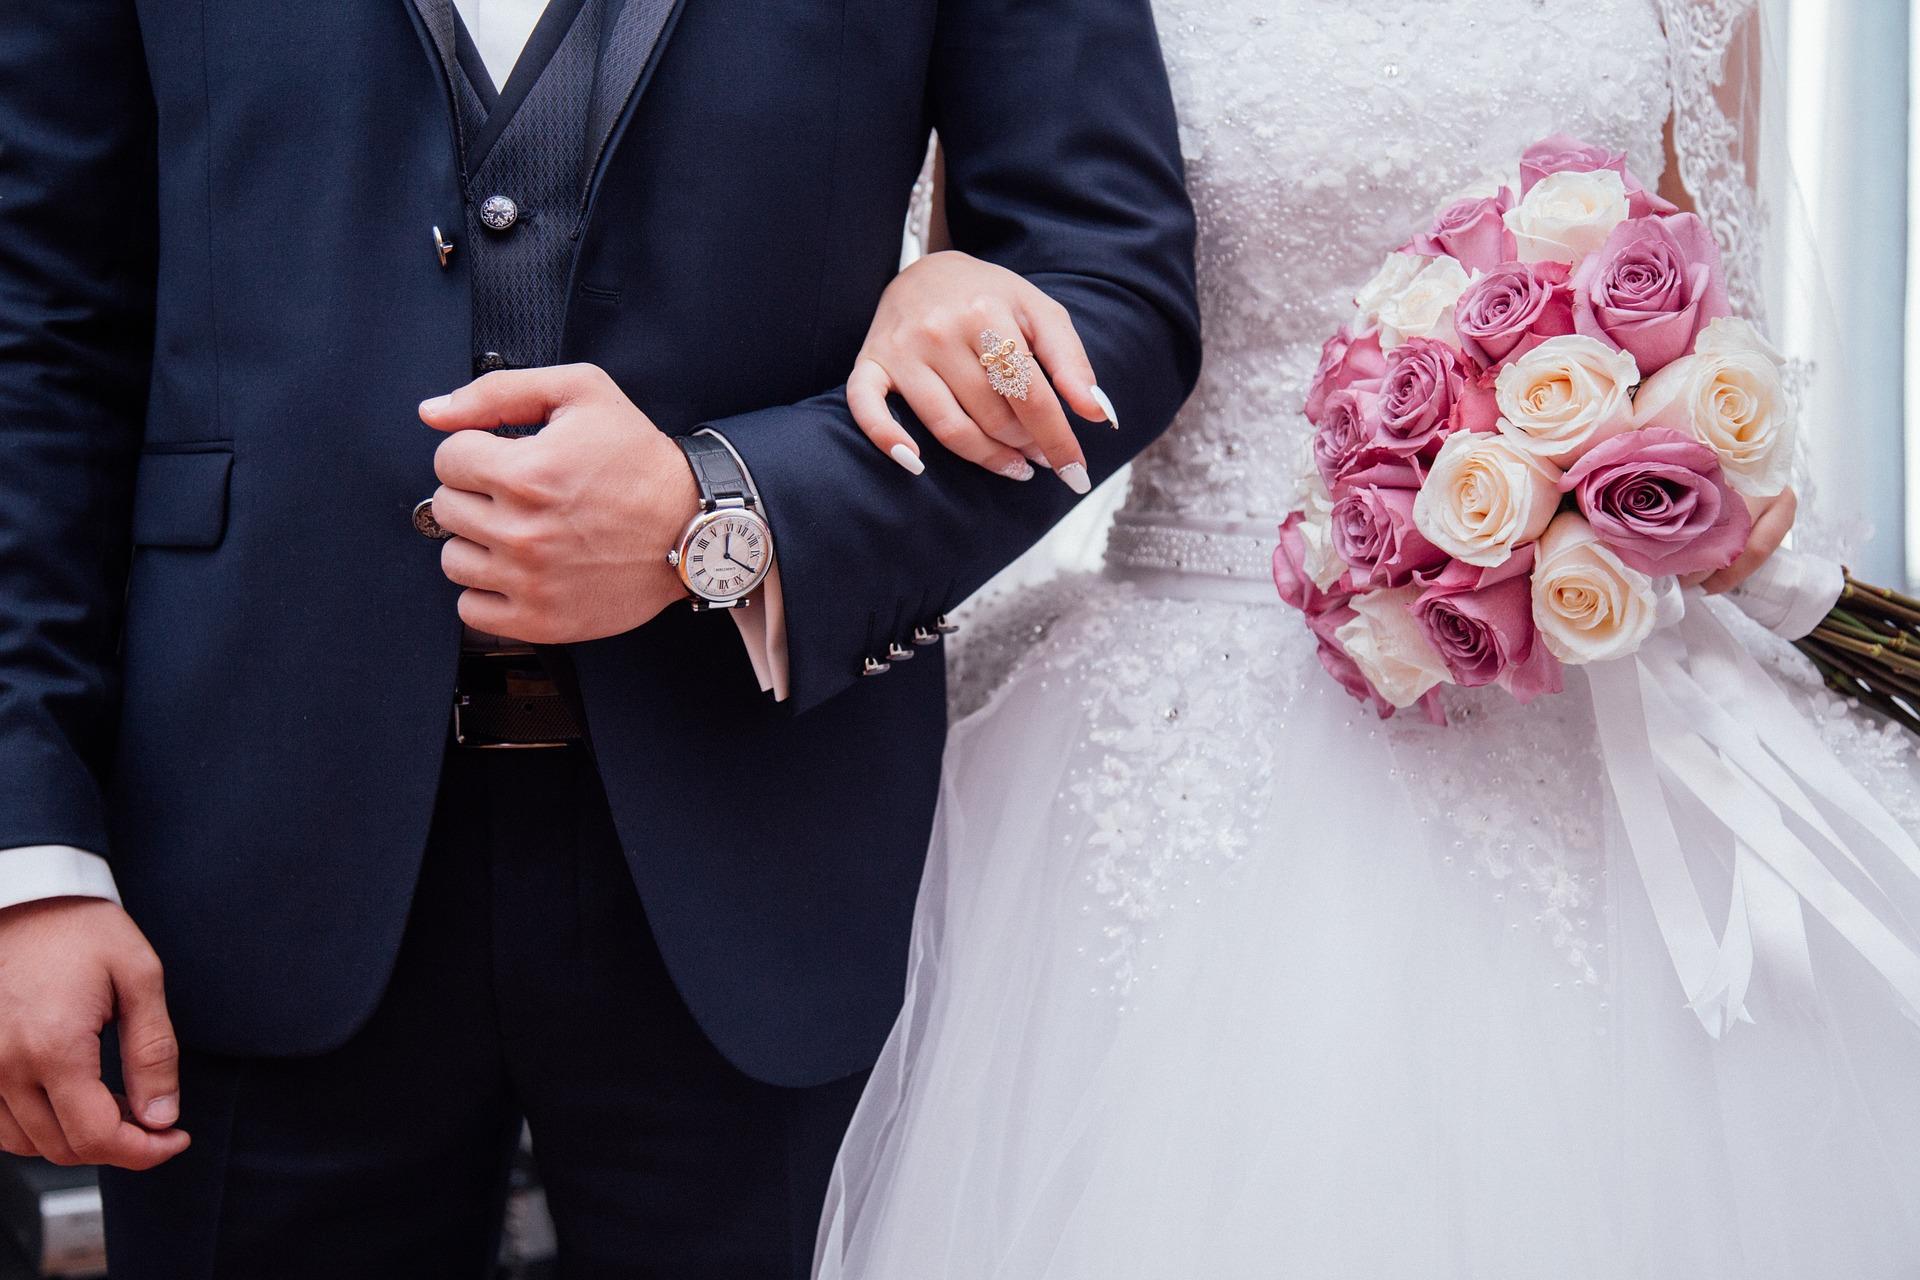 Matrimonio e licenziamento - Studio Legale Ferrari